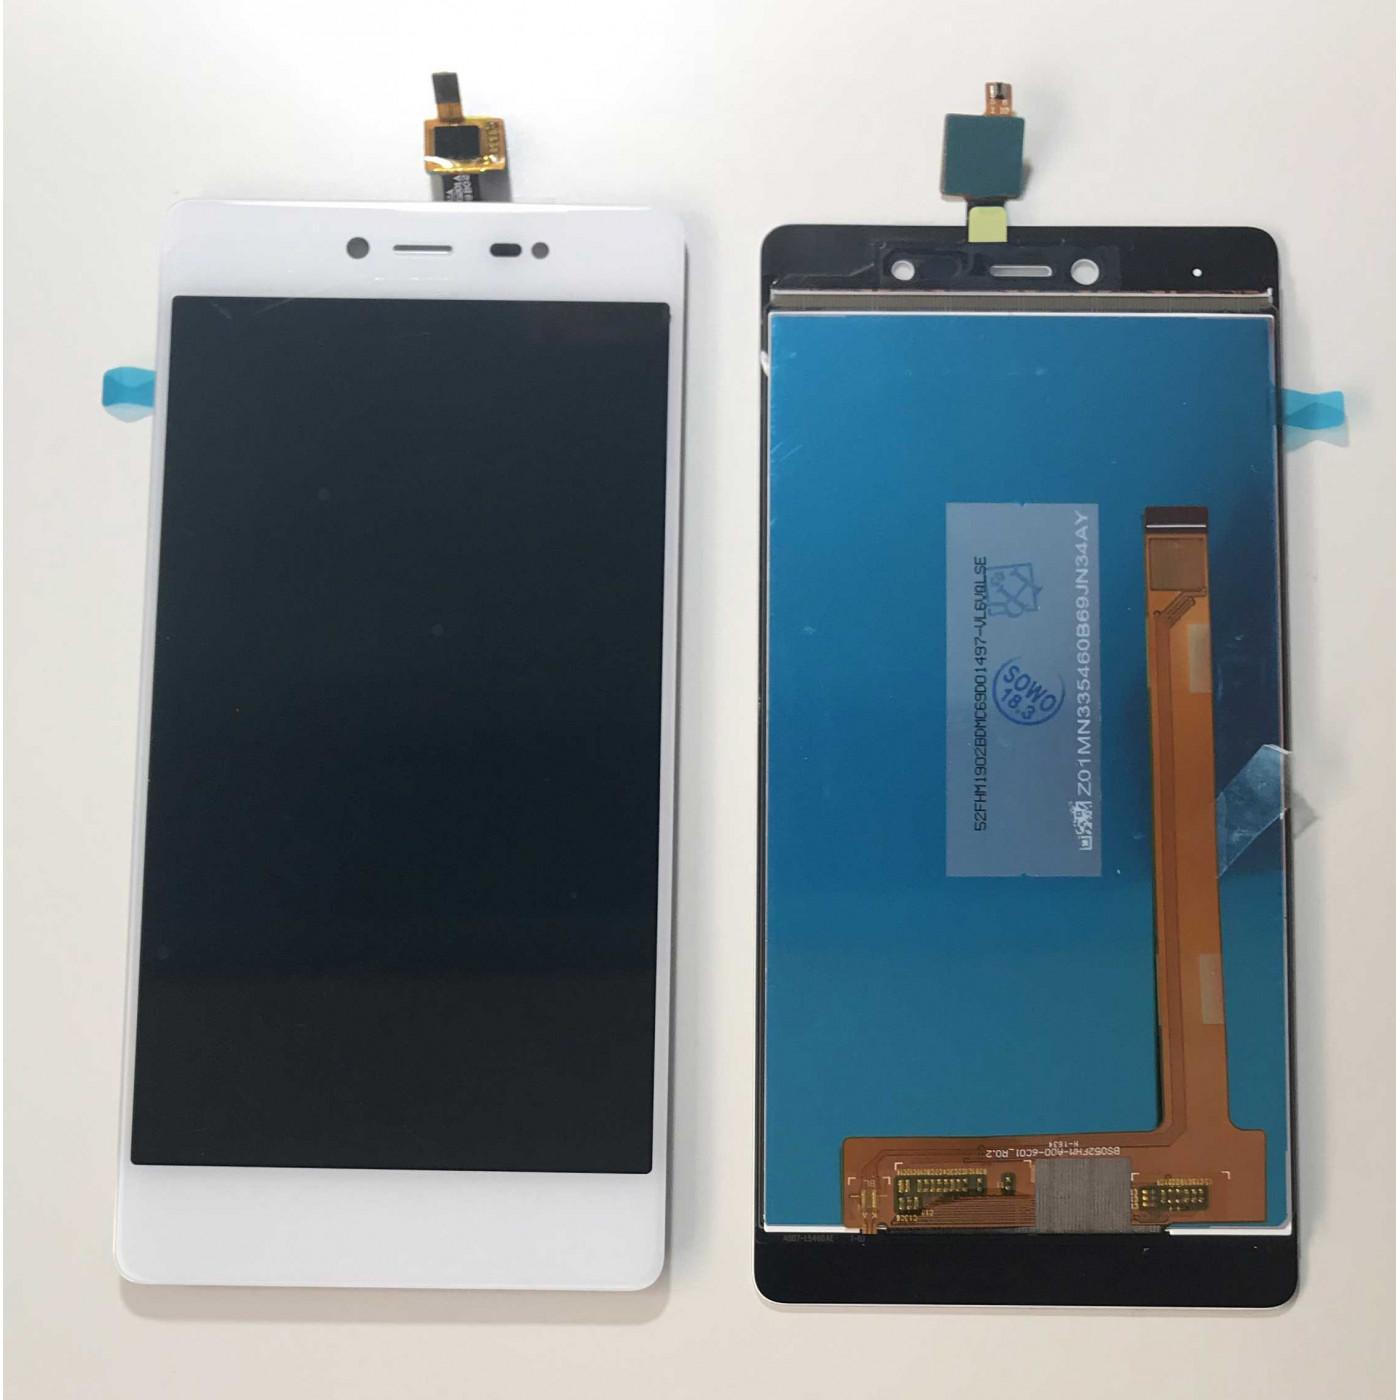 ECRAN TACTILE + AFFICHEUR LCD WIKO FEVER 4G BLANC SHOWCASE EN VERRE